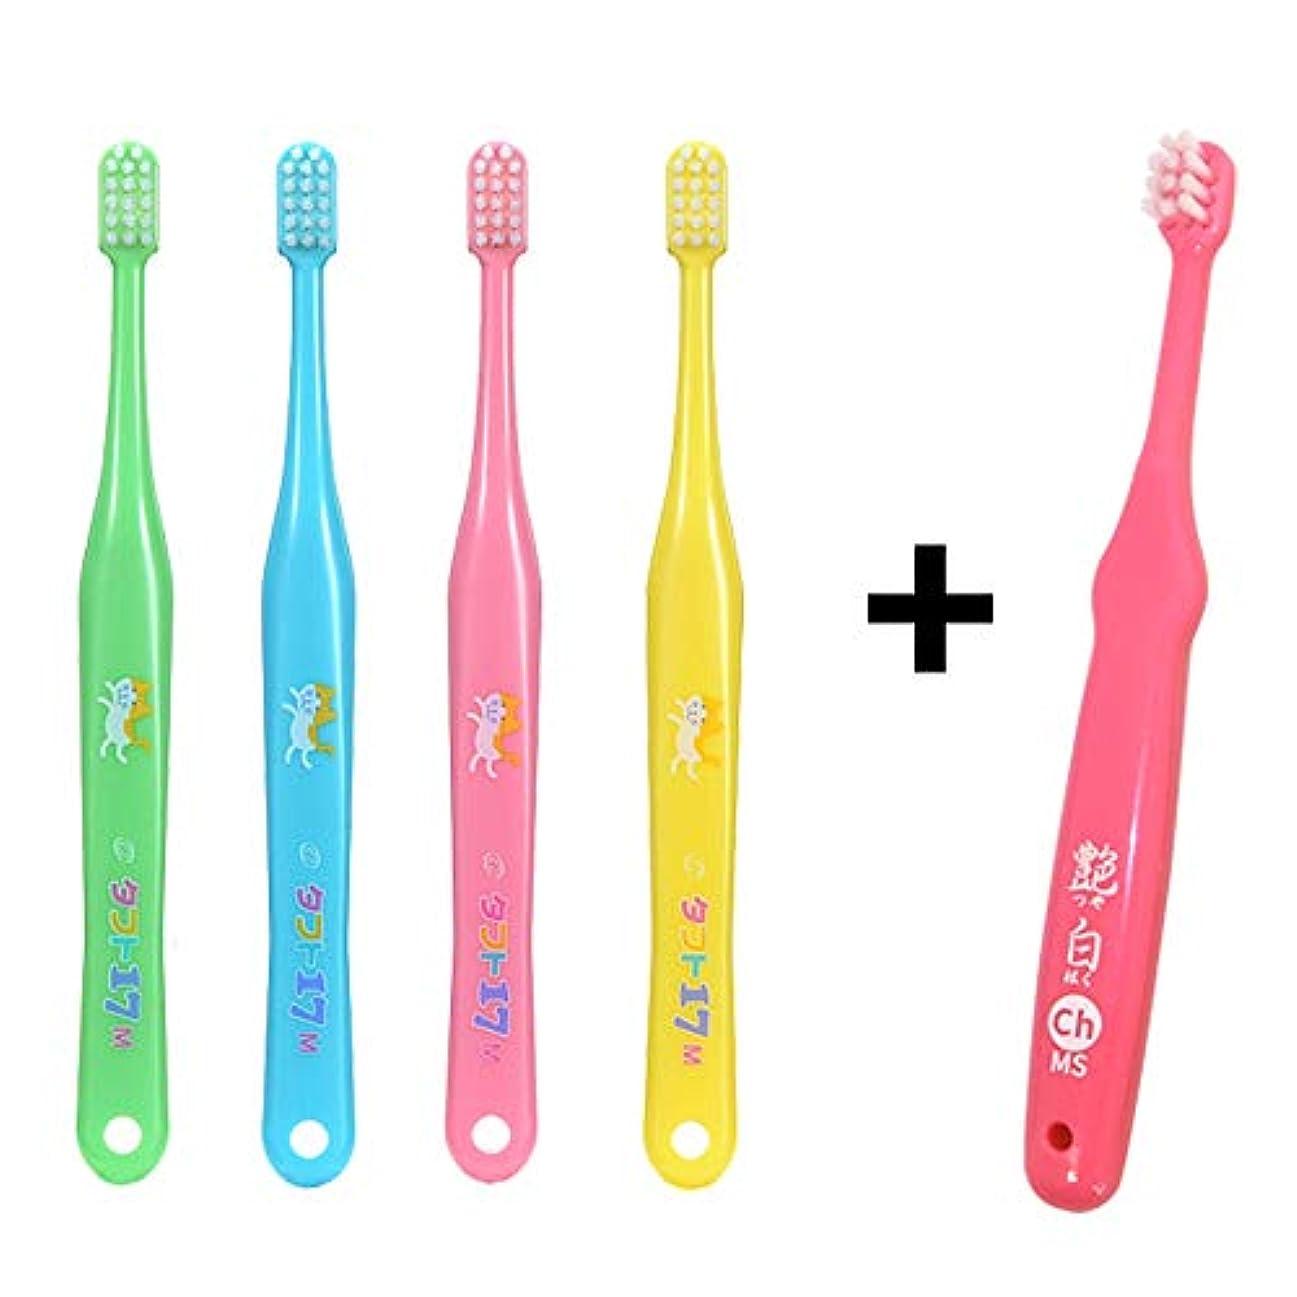 一般的な挑むあなたが良くなりますタフト17 M 歯ブラシ×10本 + 艶白(つやはく) Ch チャイルド ハブラシ×1本 MS(やややわらかめ) 日本製 歯科専売品